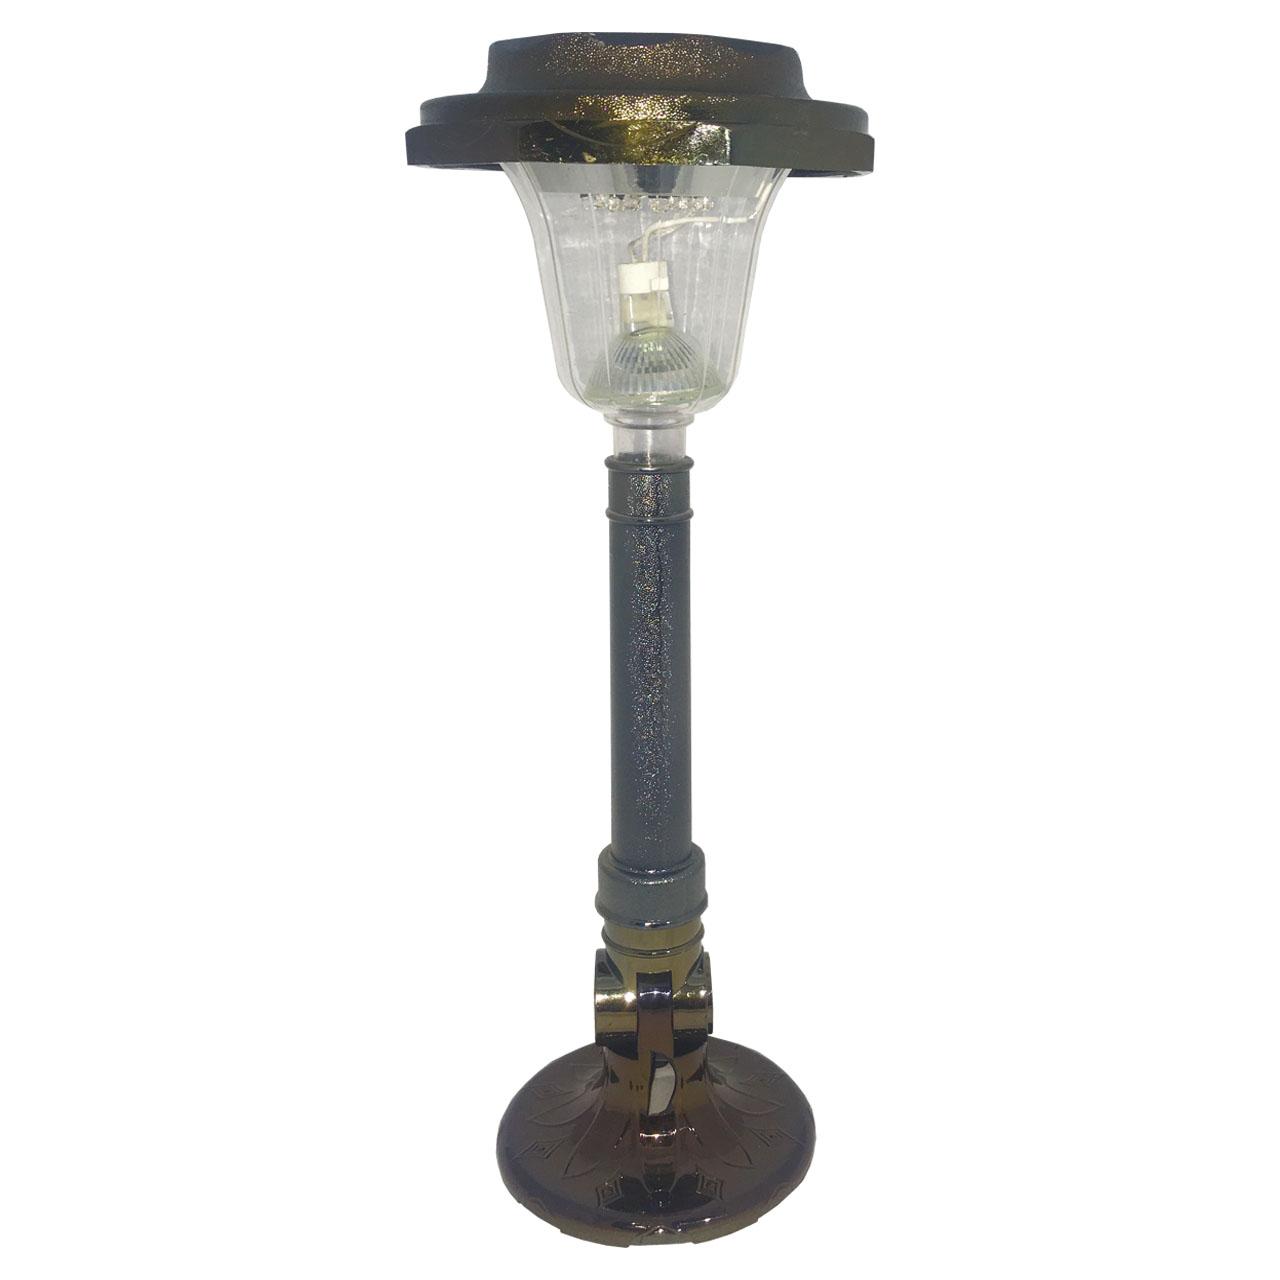 چراغ حیاطی مدل 9854